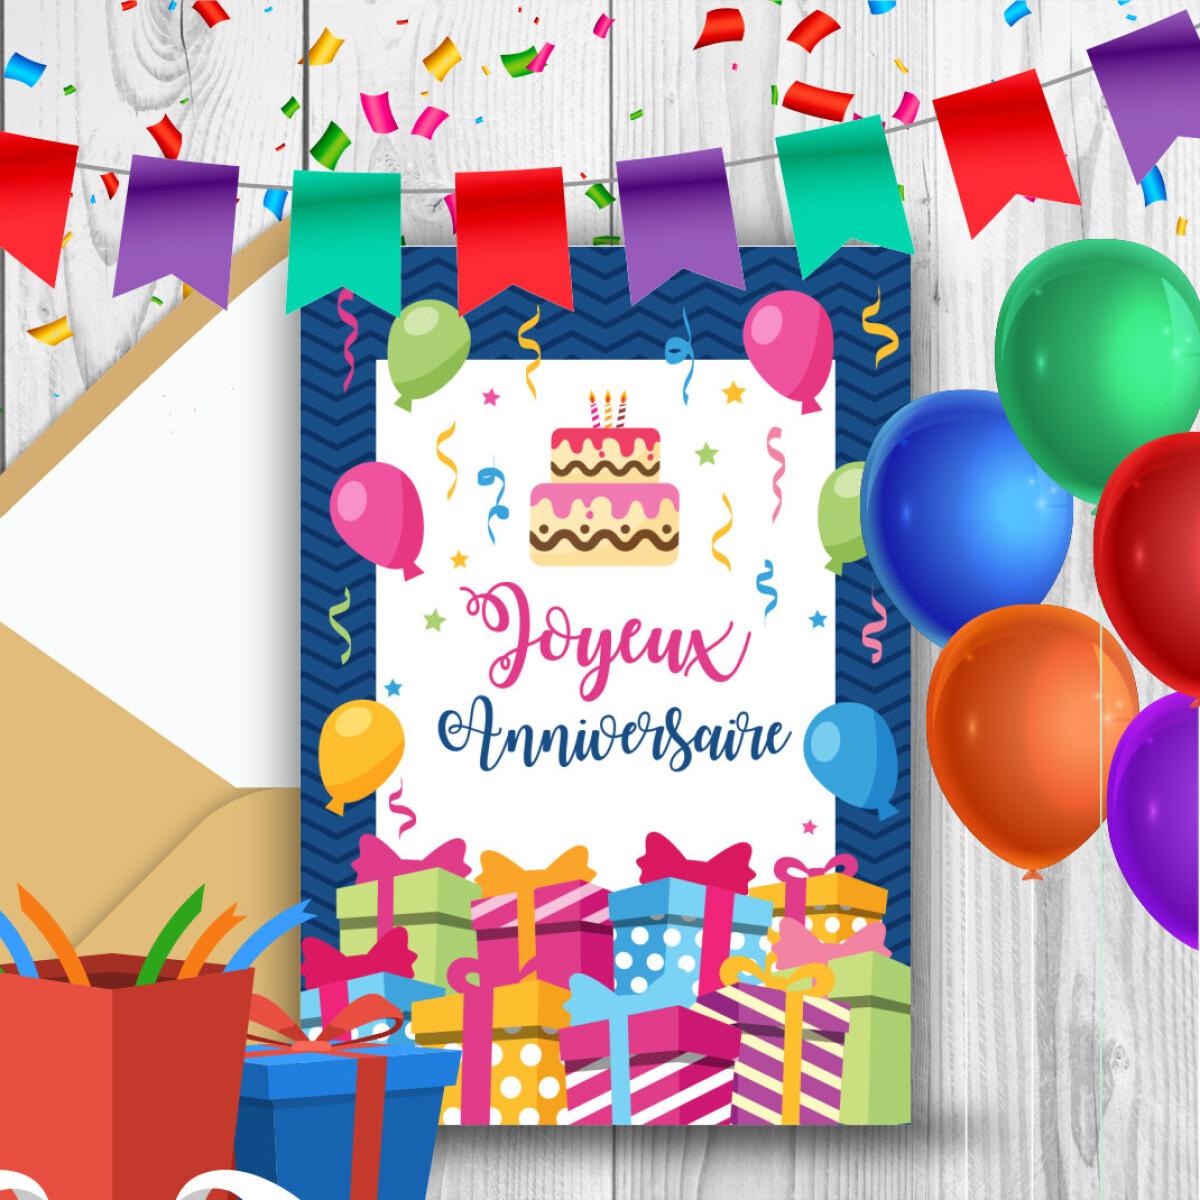 Anniversaire Cartes D Anniversaire Gratuites Et Cartes Virtuelles